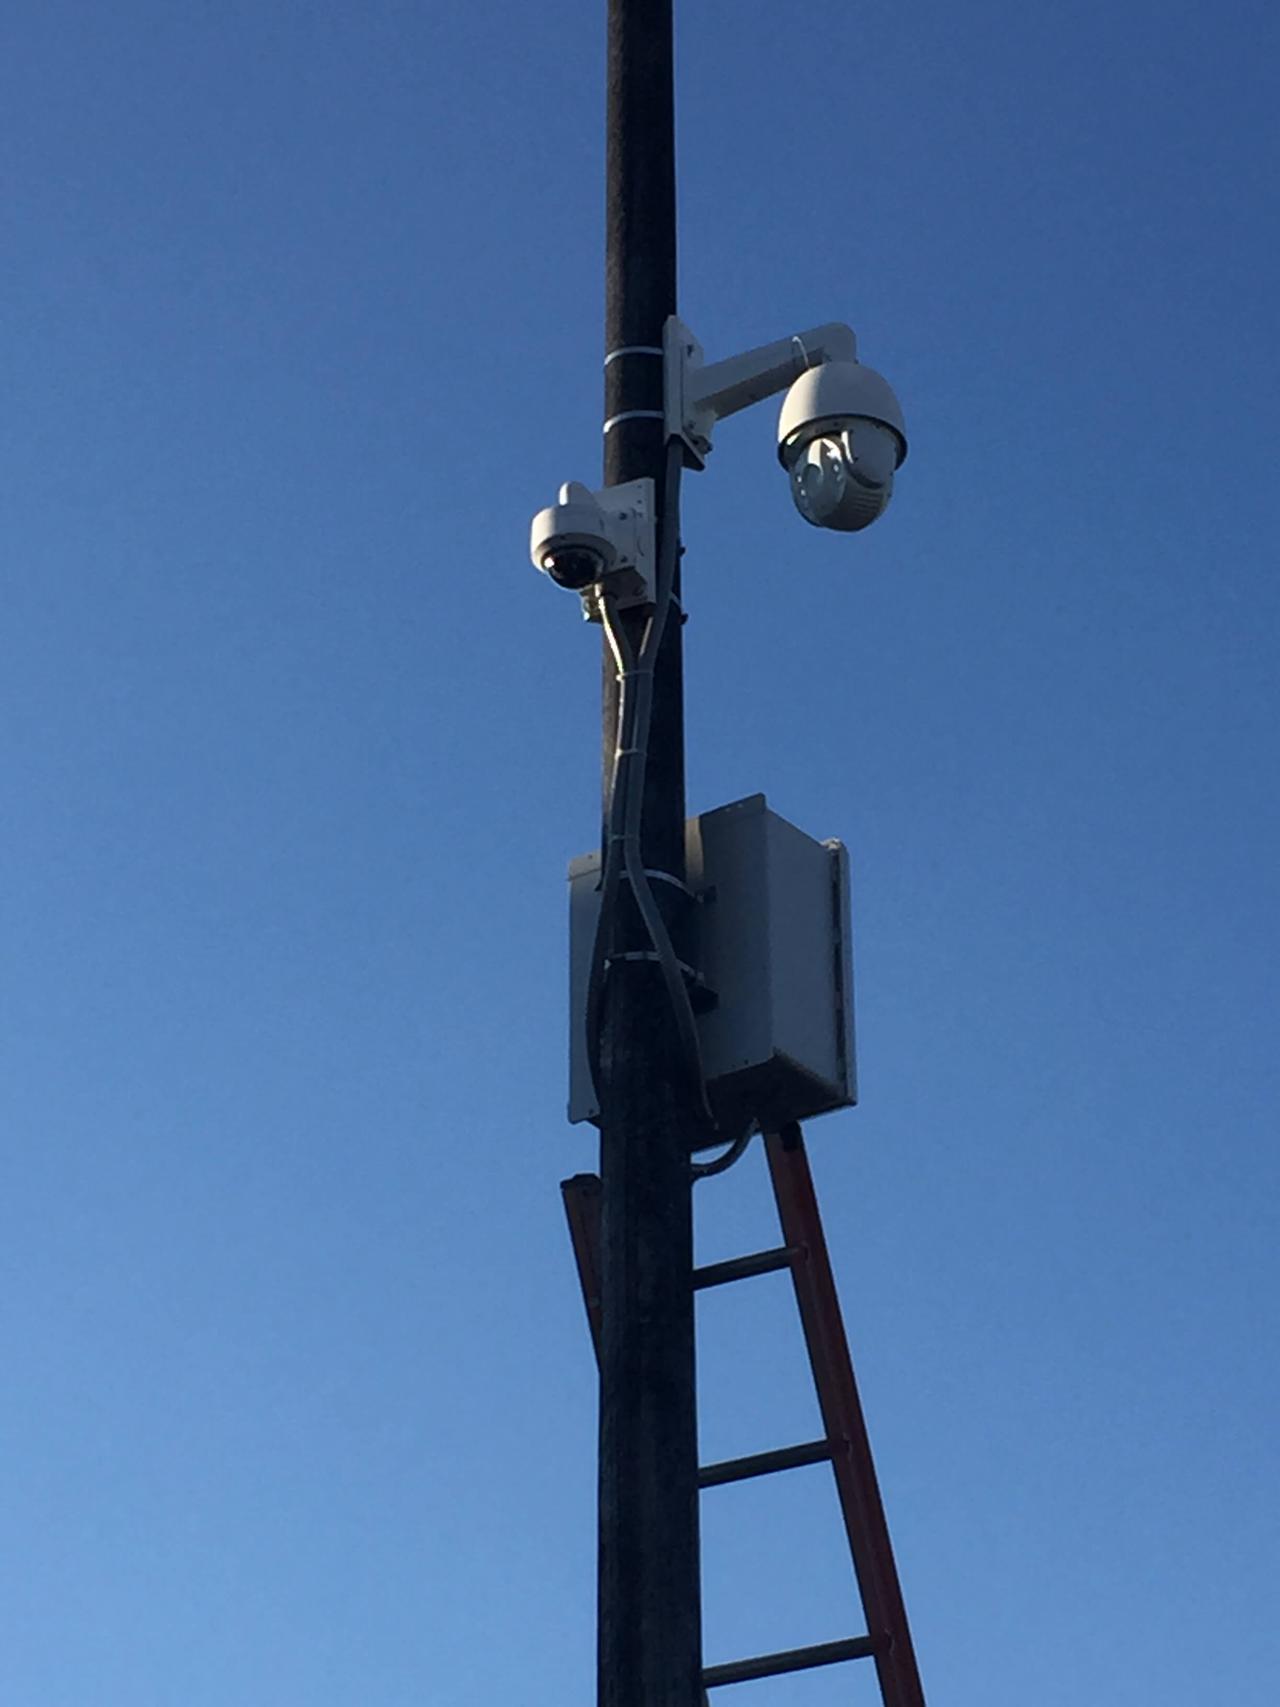 security camera bohemia, ny